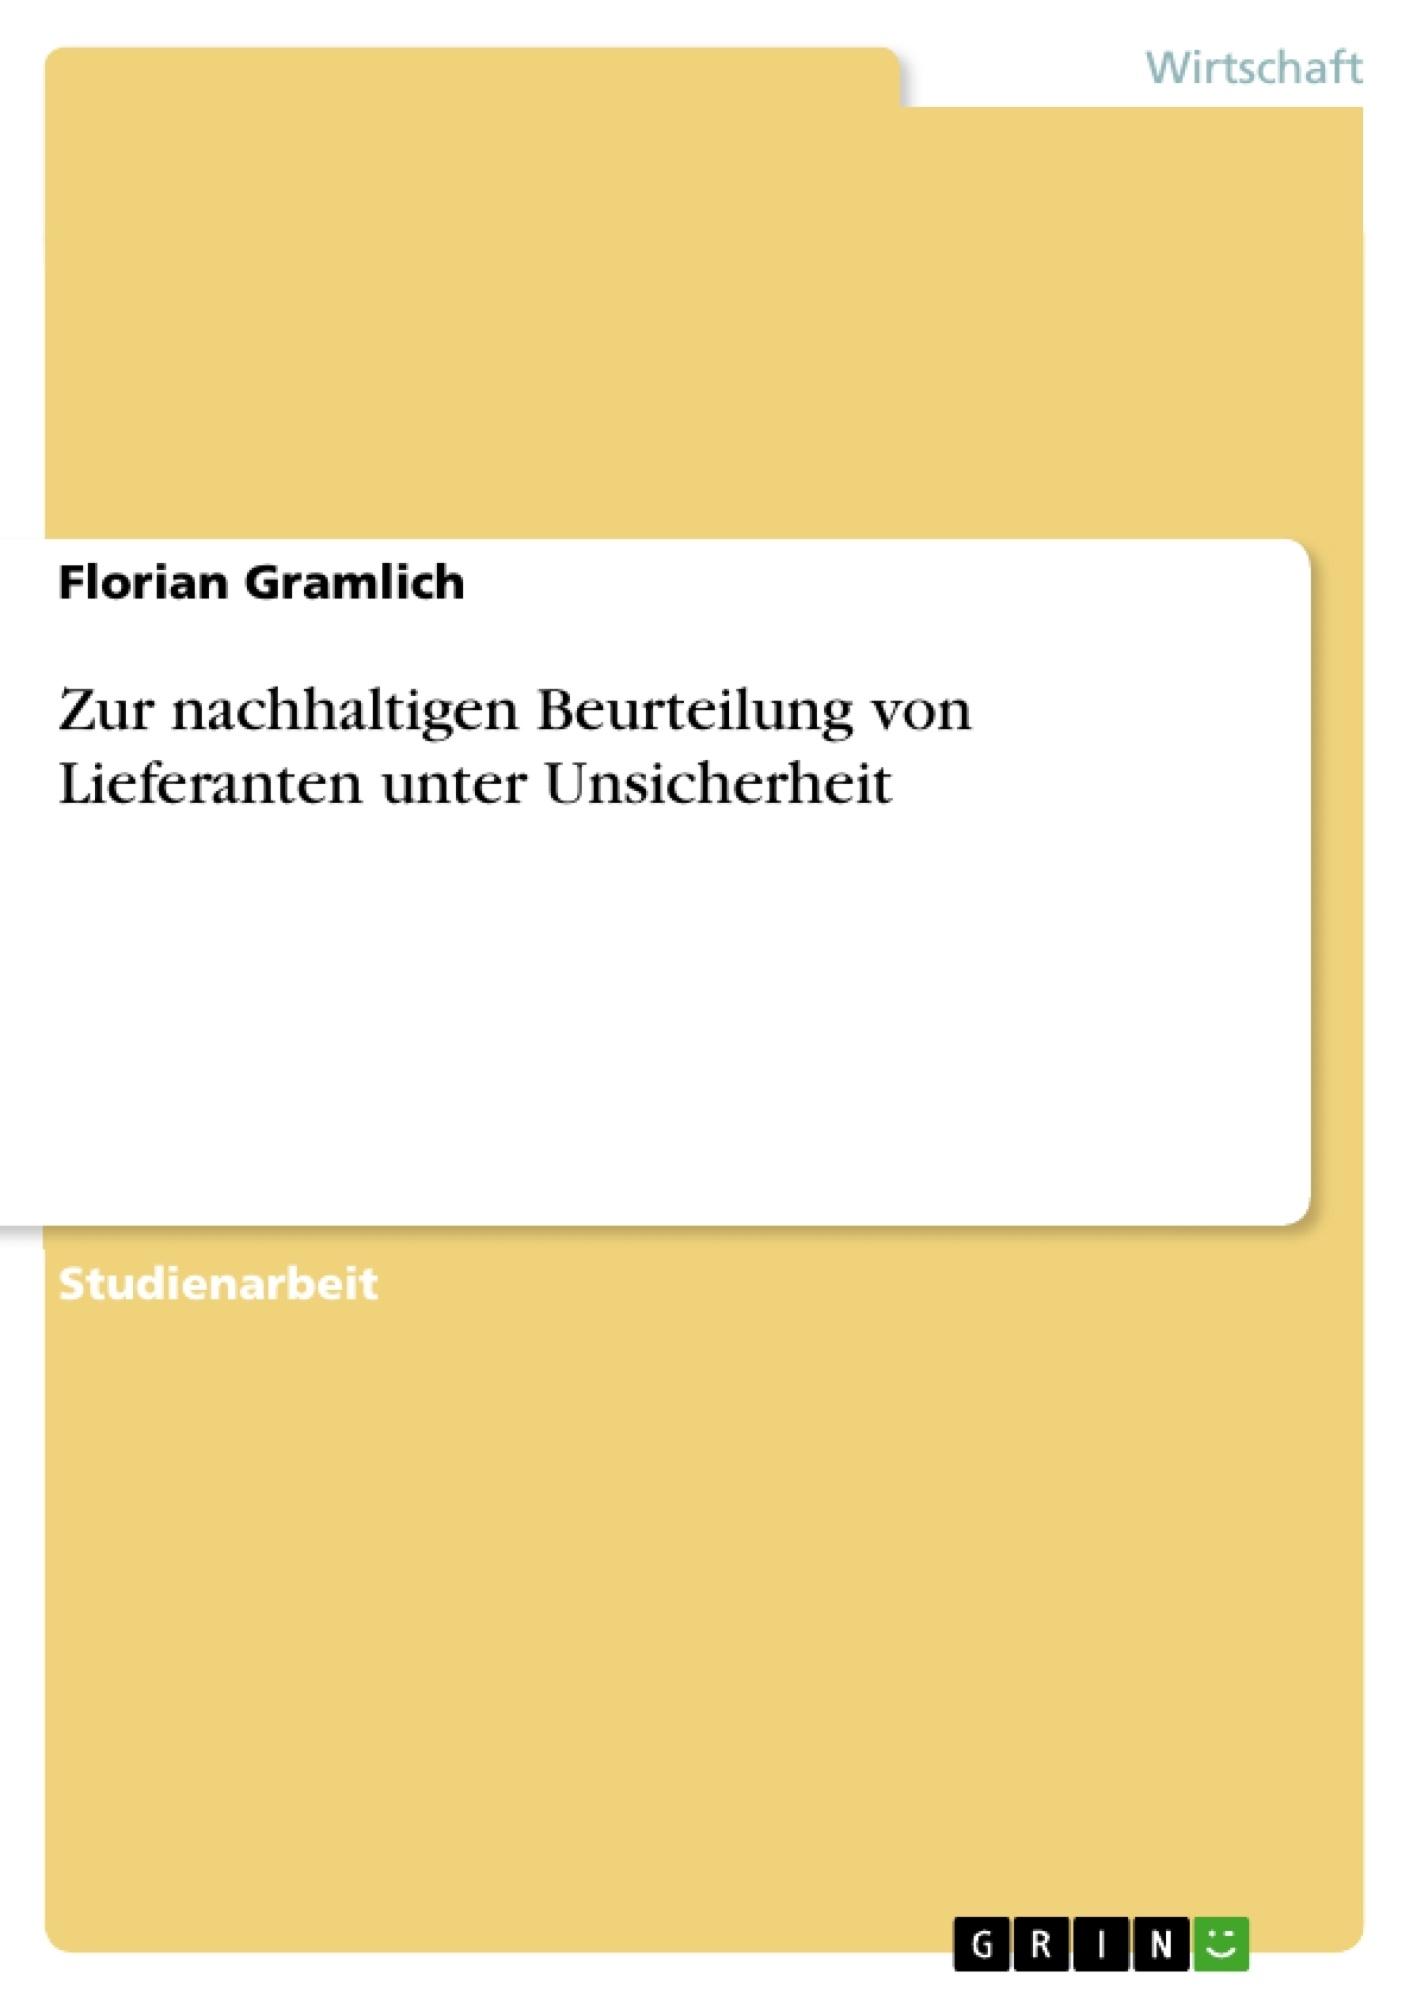 Titel: Zur nachhaltigen Beurteilung von Lieferanten unter Unsicherheit